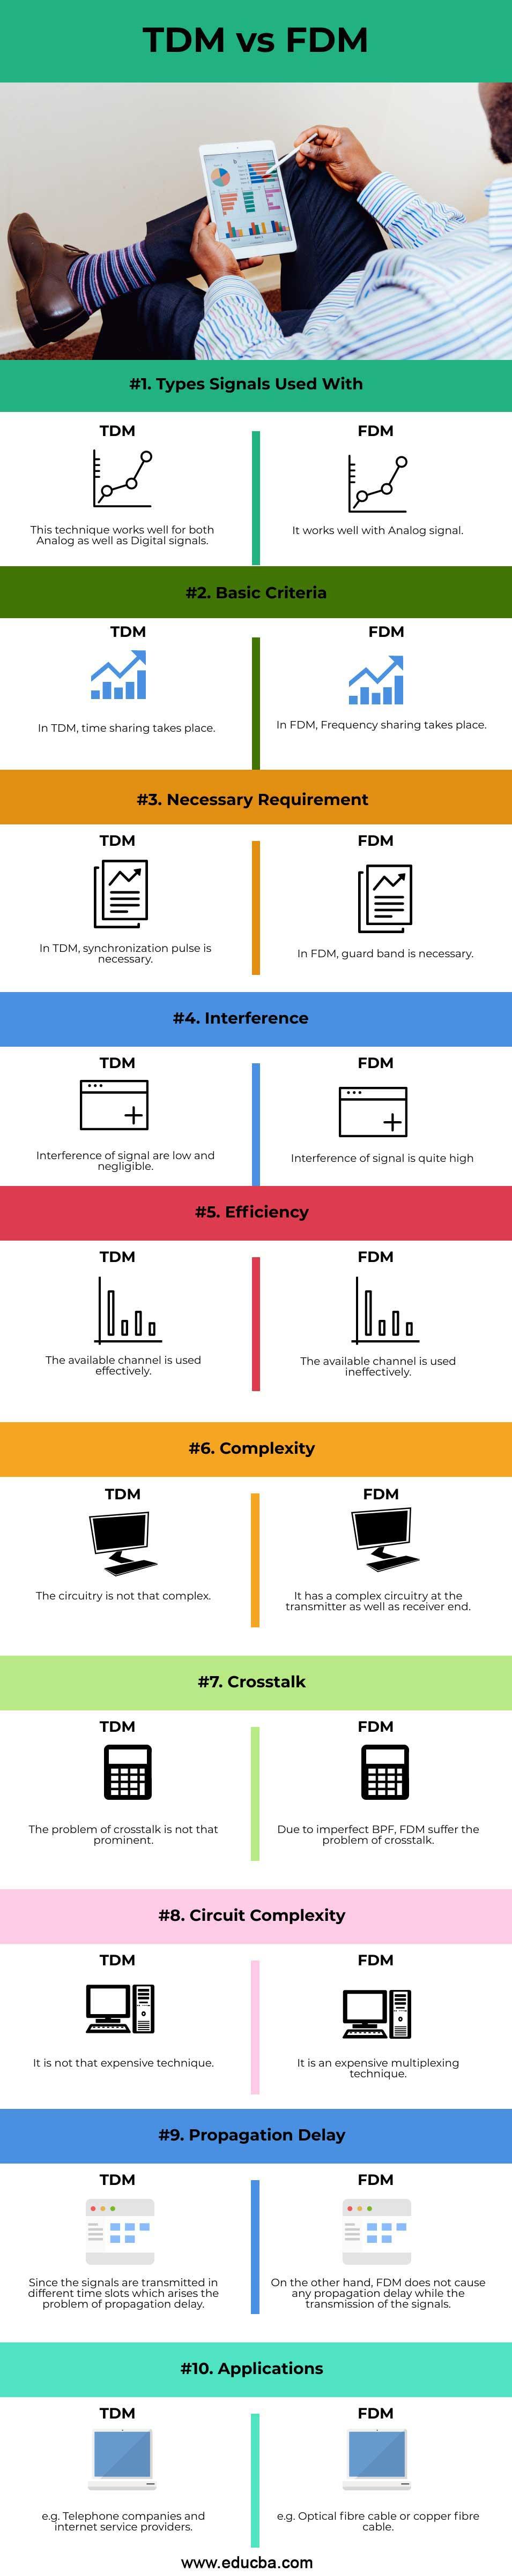 TDM-vs-FDM-info